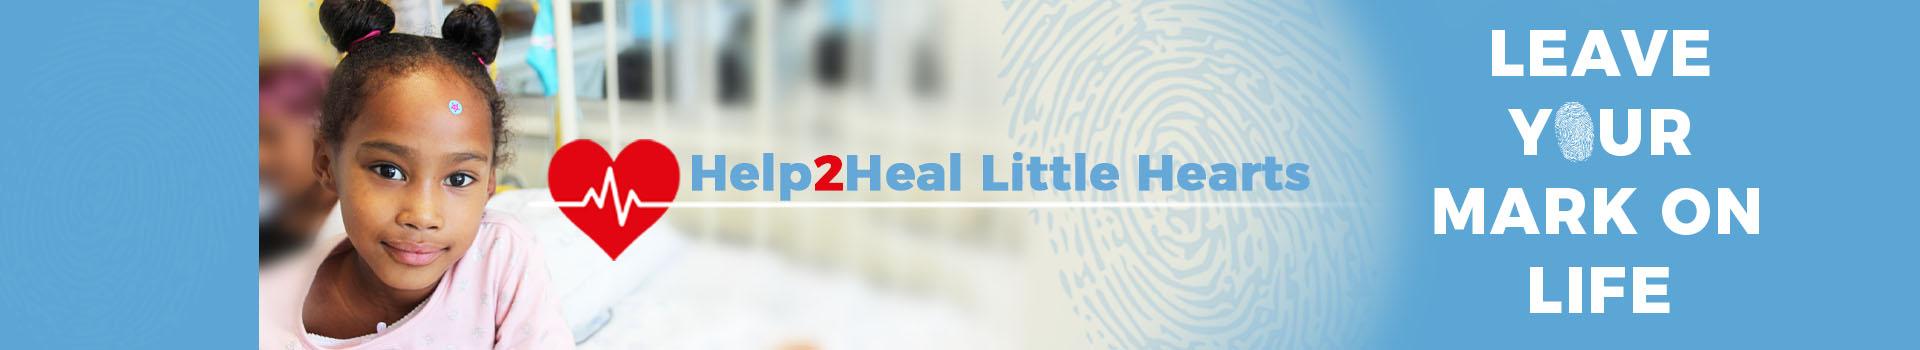 Donate - The Children's Hospital Trust